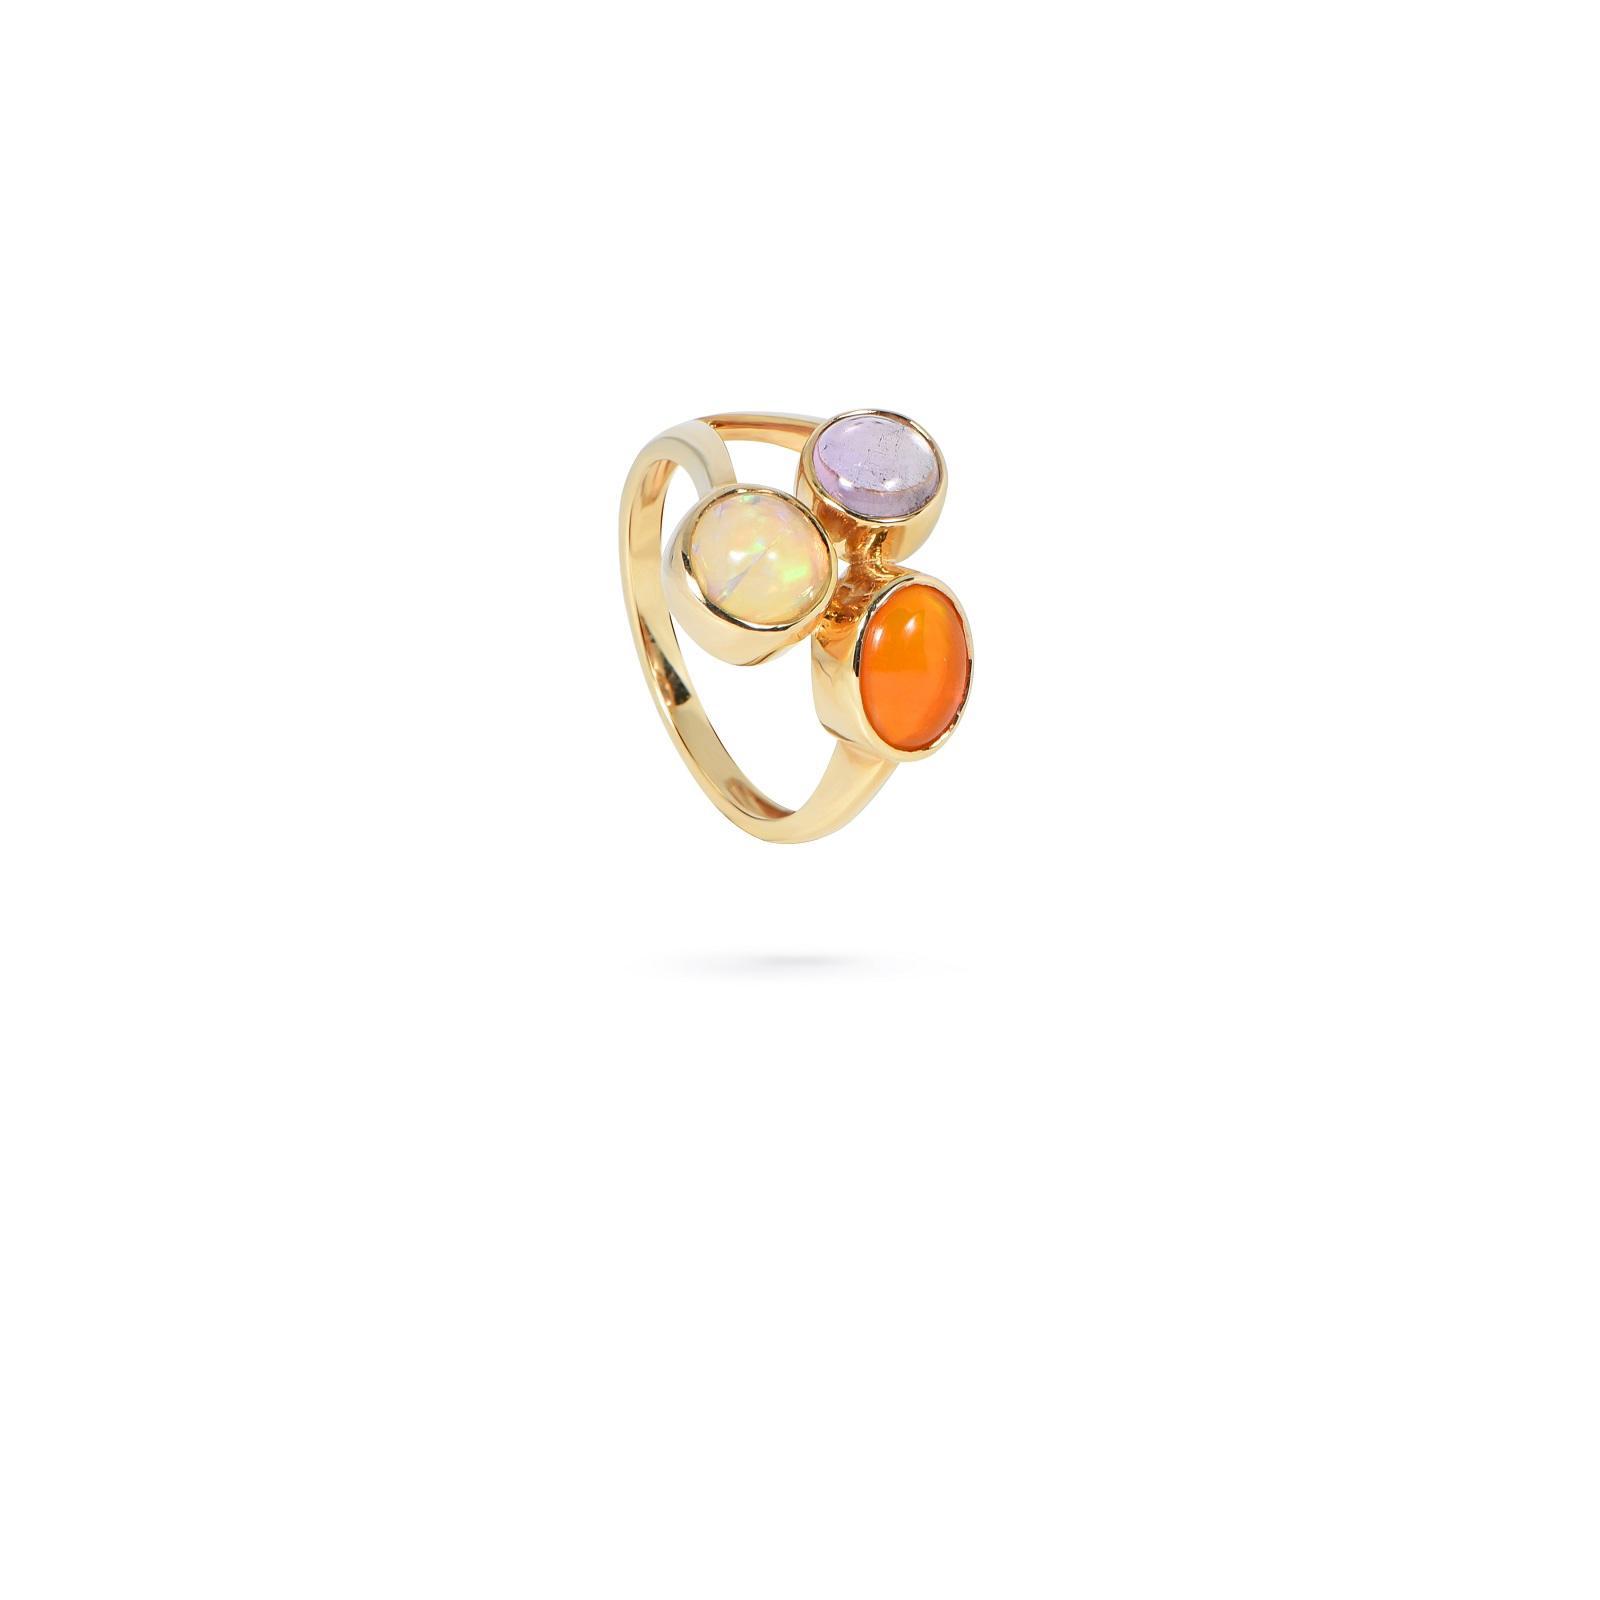 Nhẫn đá Tourmaline 20N025.6TY